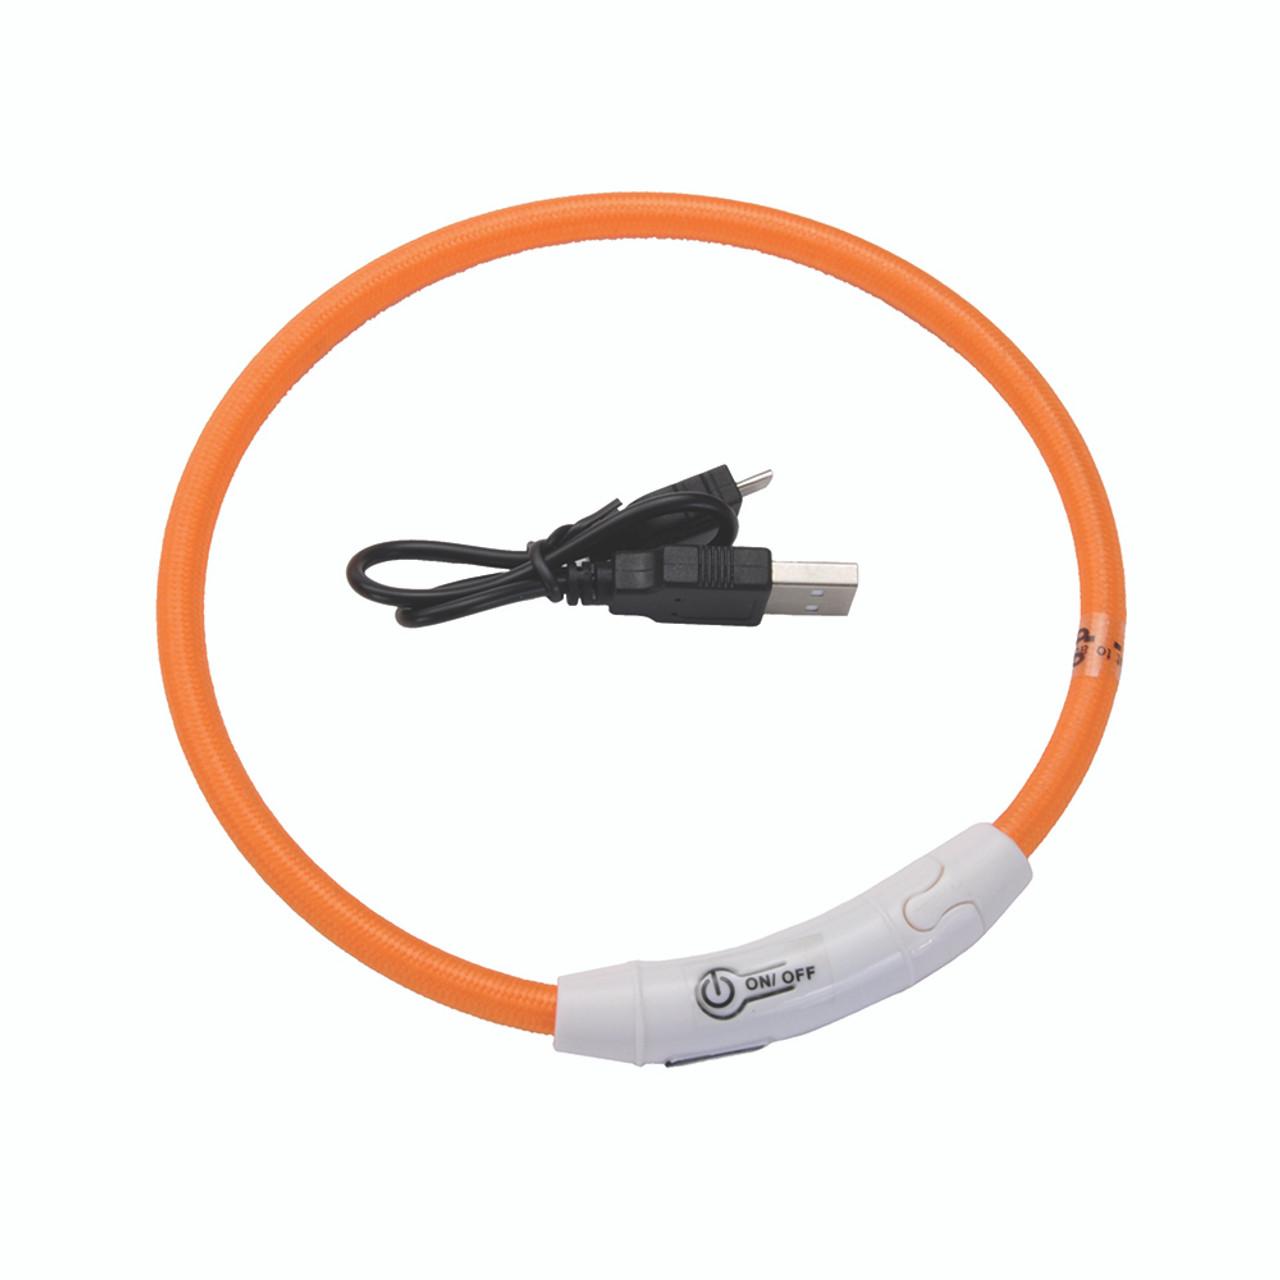 Coastal USB Light-Up Neck Ring Dog Collar